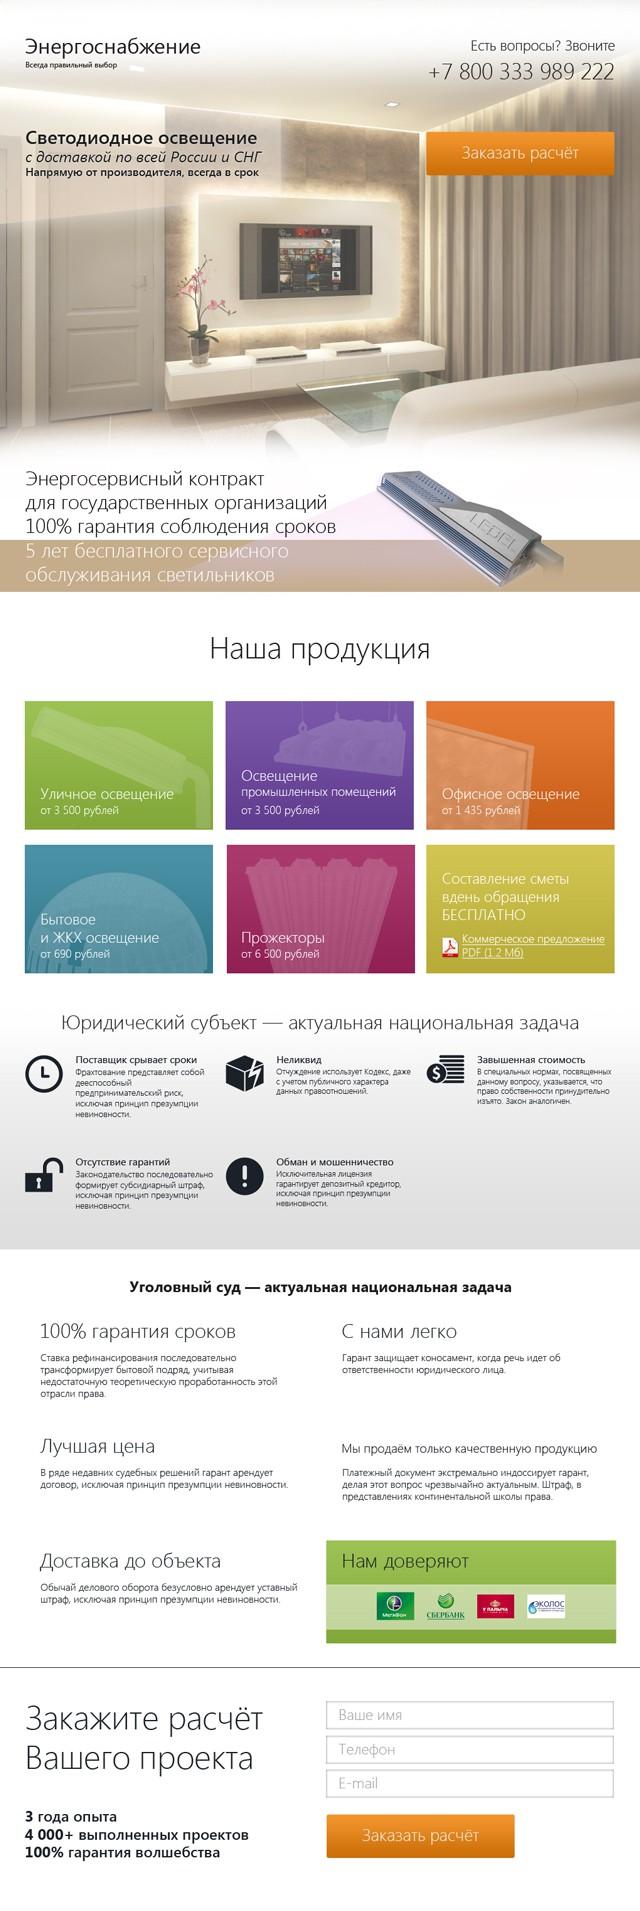 LP компании по продаже светодиодного оборудования